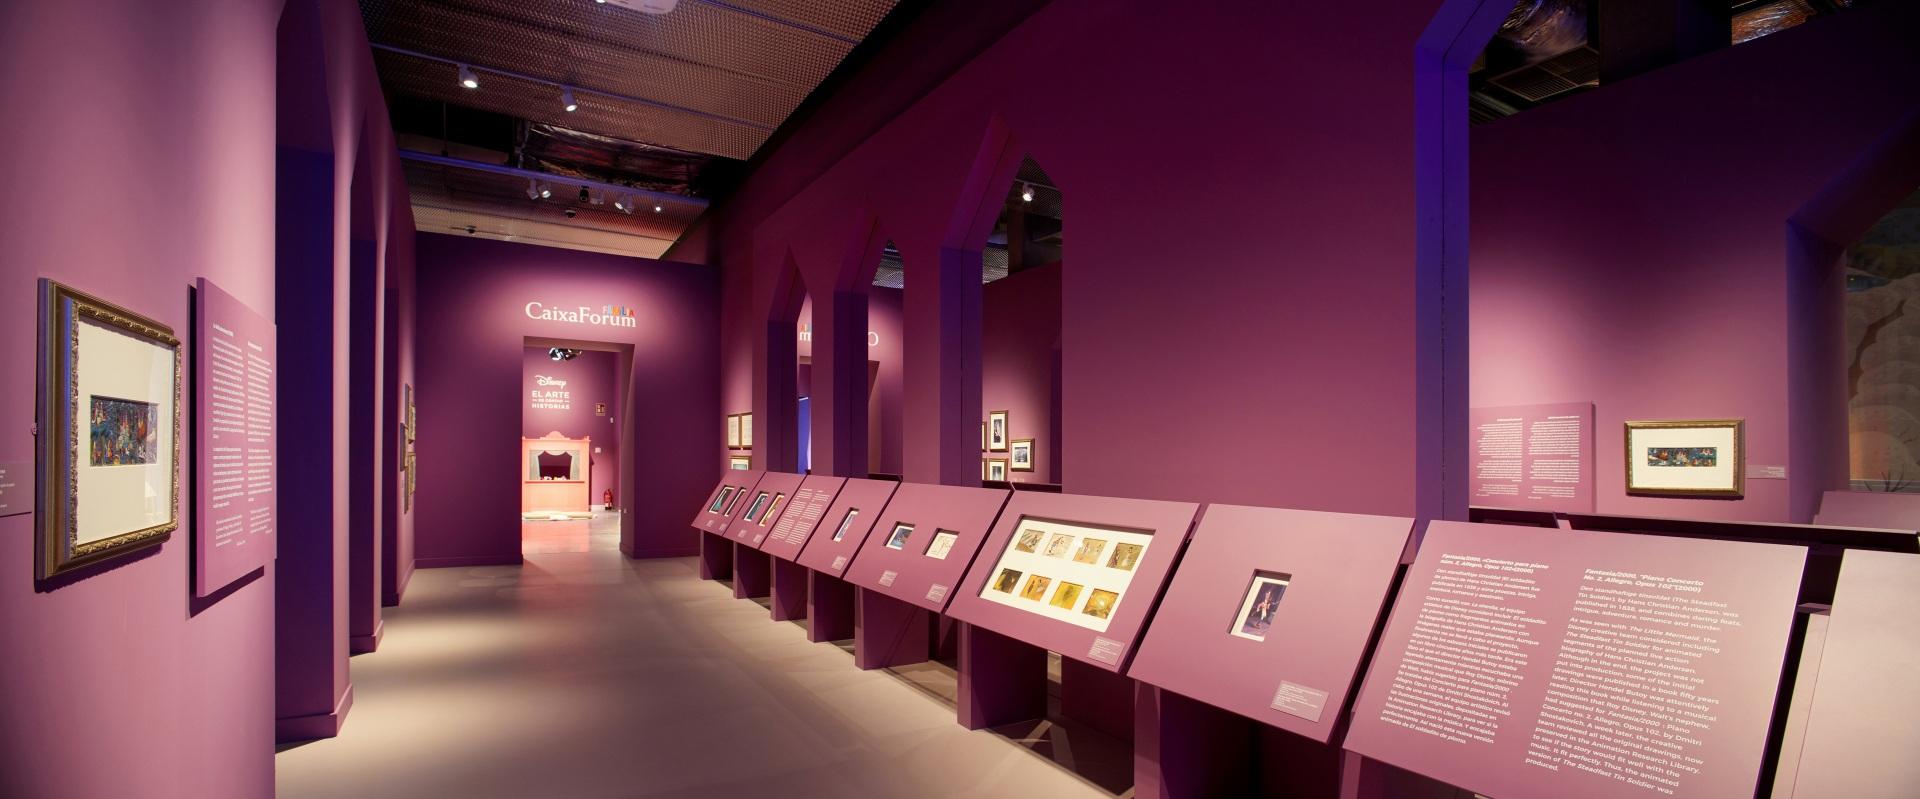 Exposición sobre Walt Disney. Castillo encantado de las princesas color magenta.